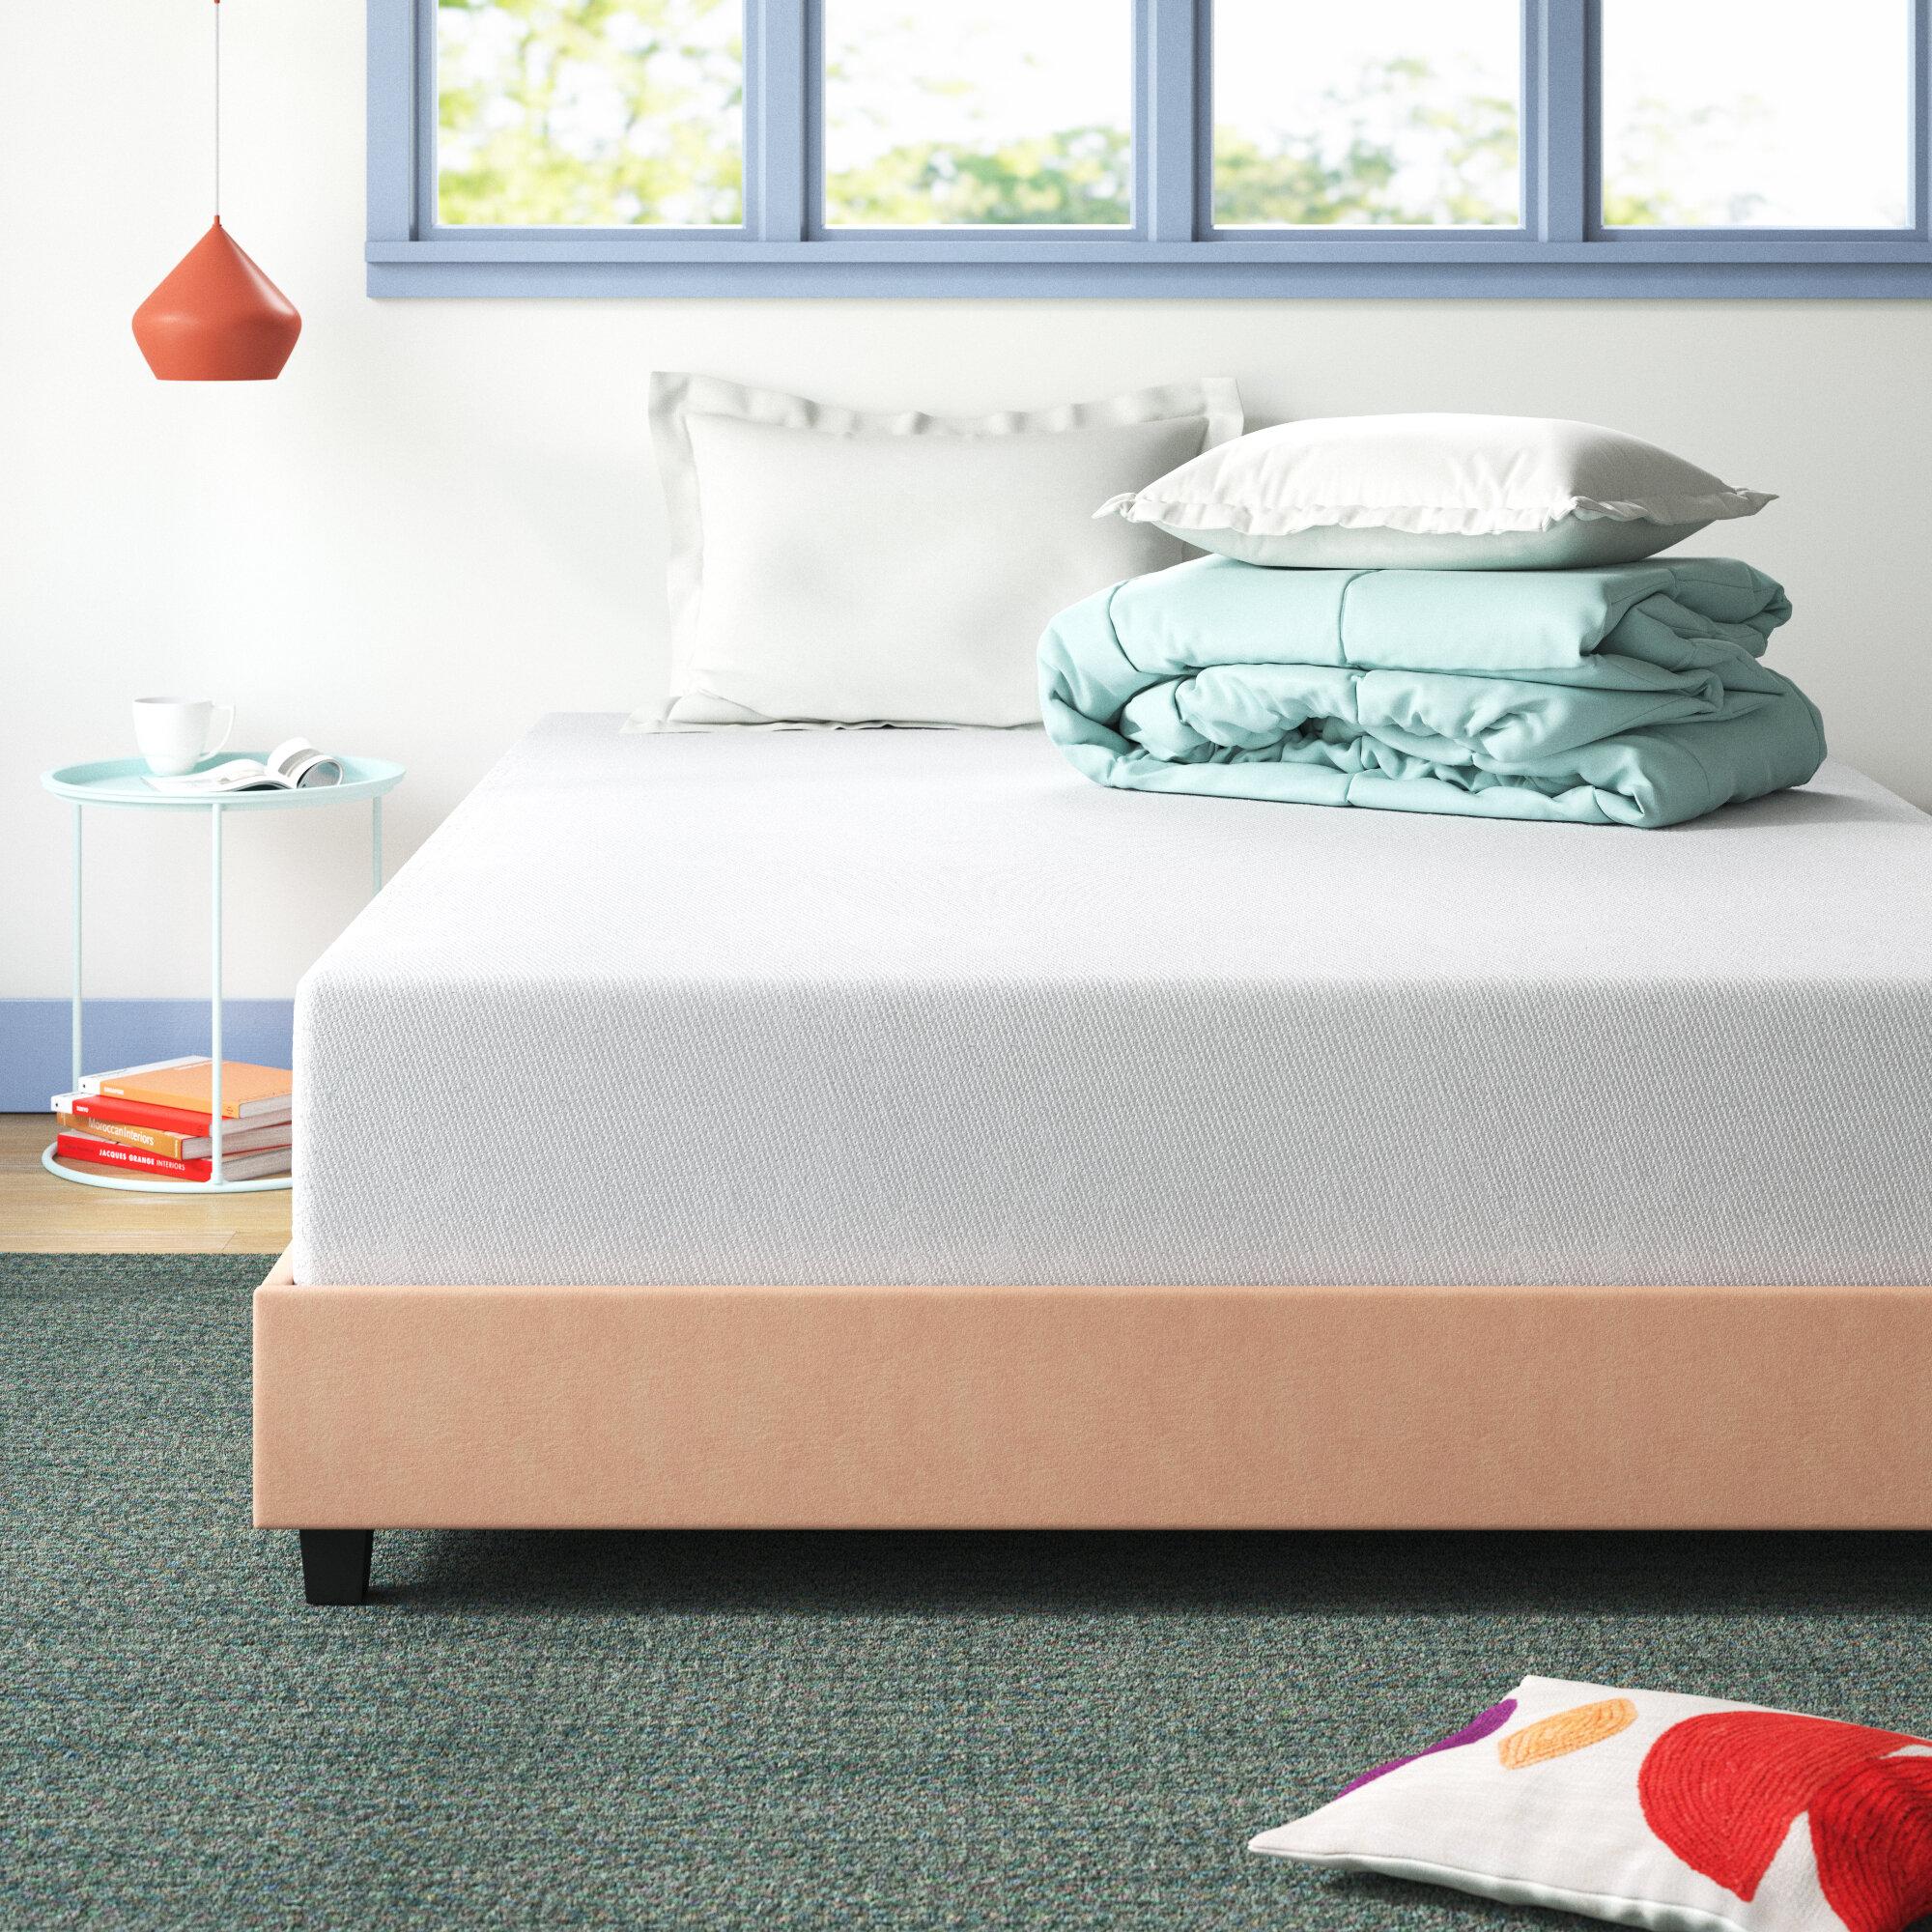 Wayfair Sleep 12 Firm Memory Foam Mattress Reviews Wayfair